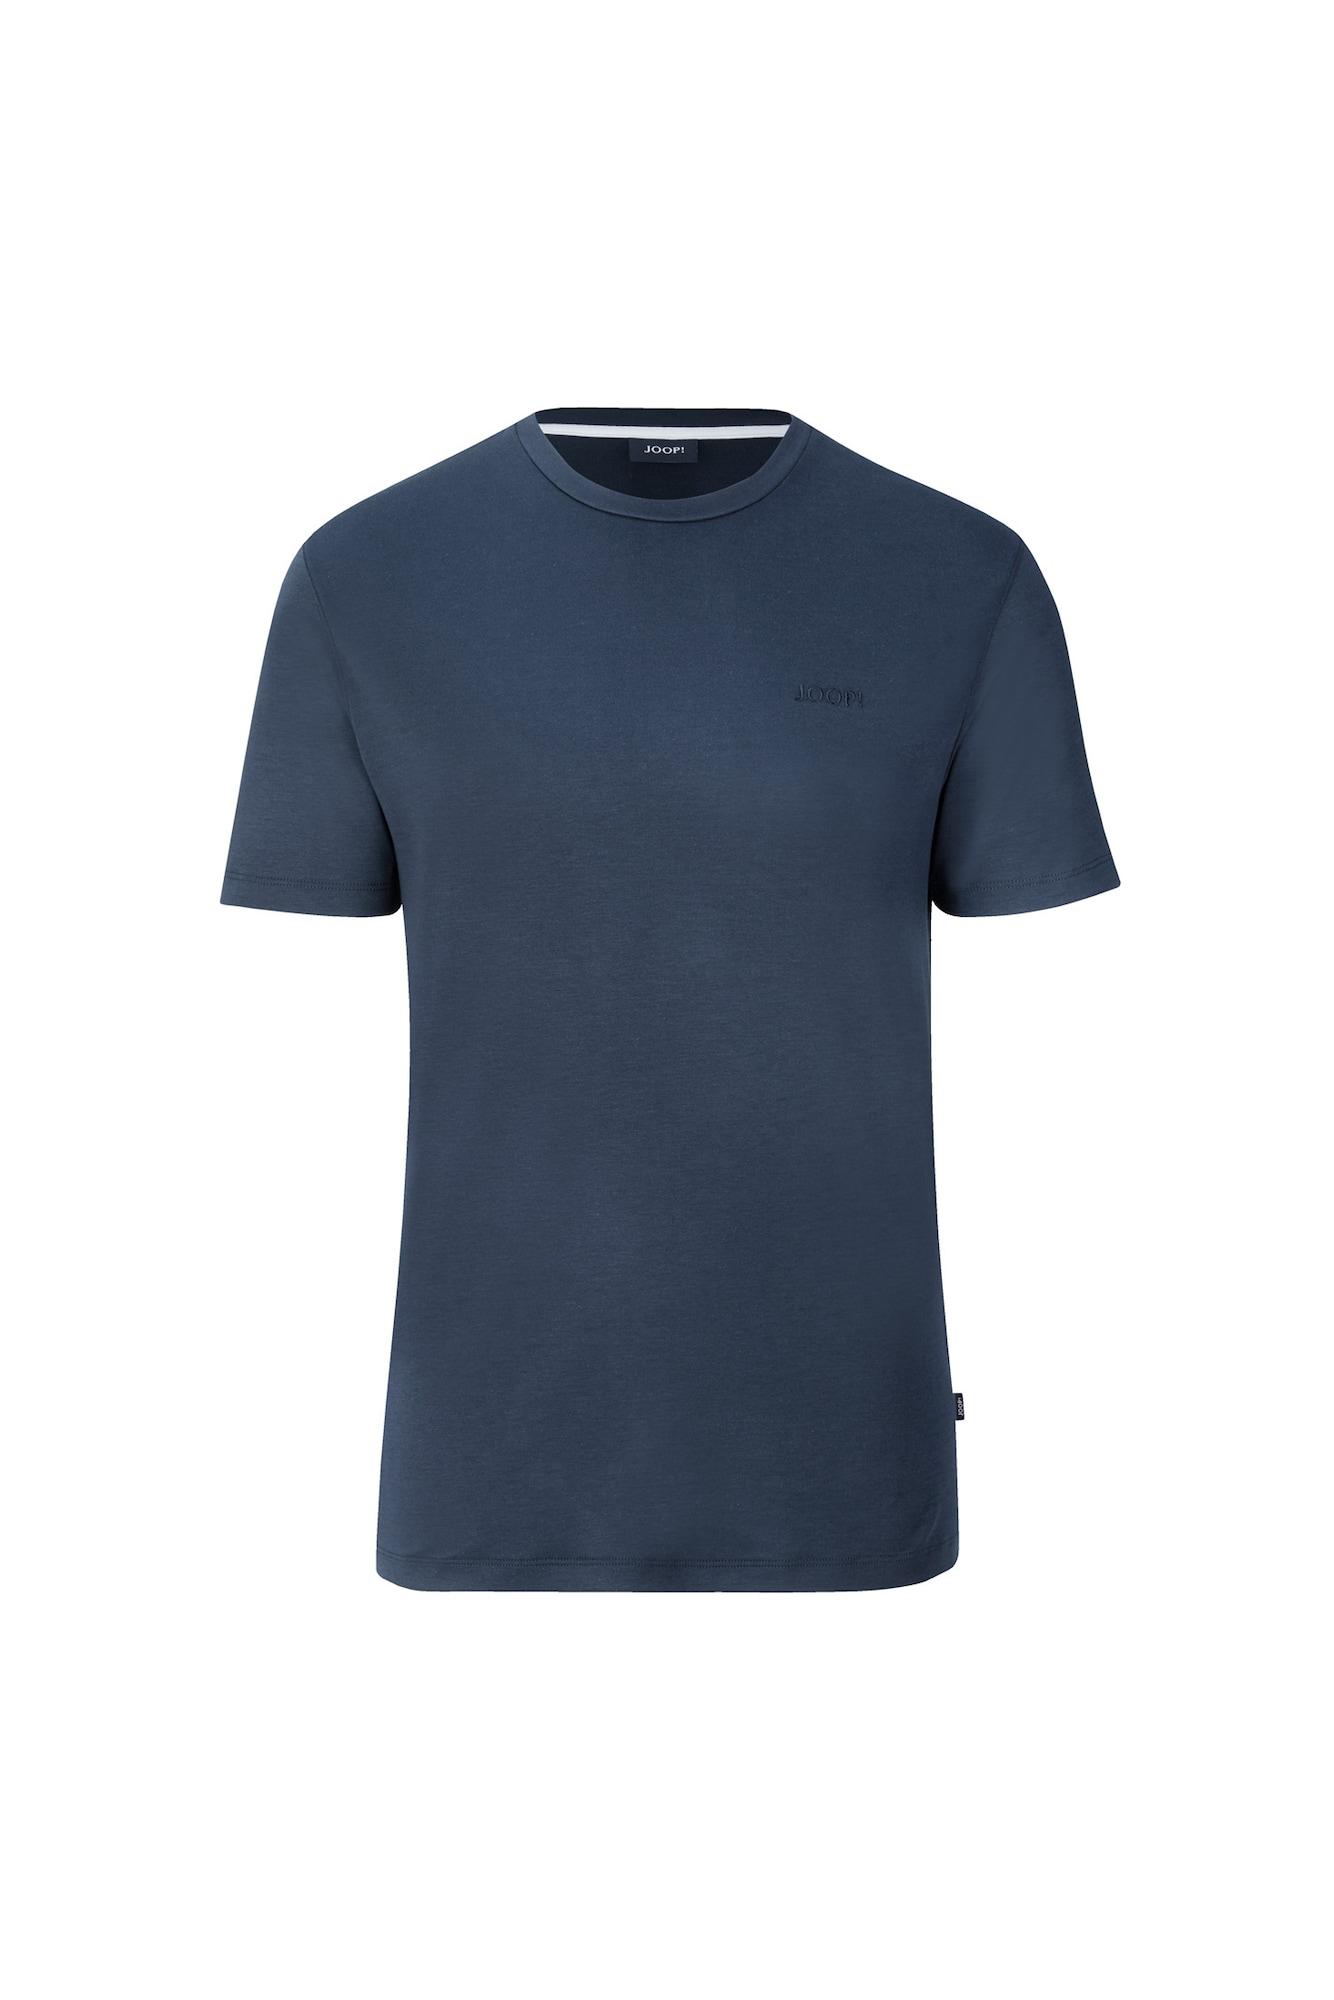 JOOP! Marškinėliai